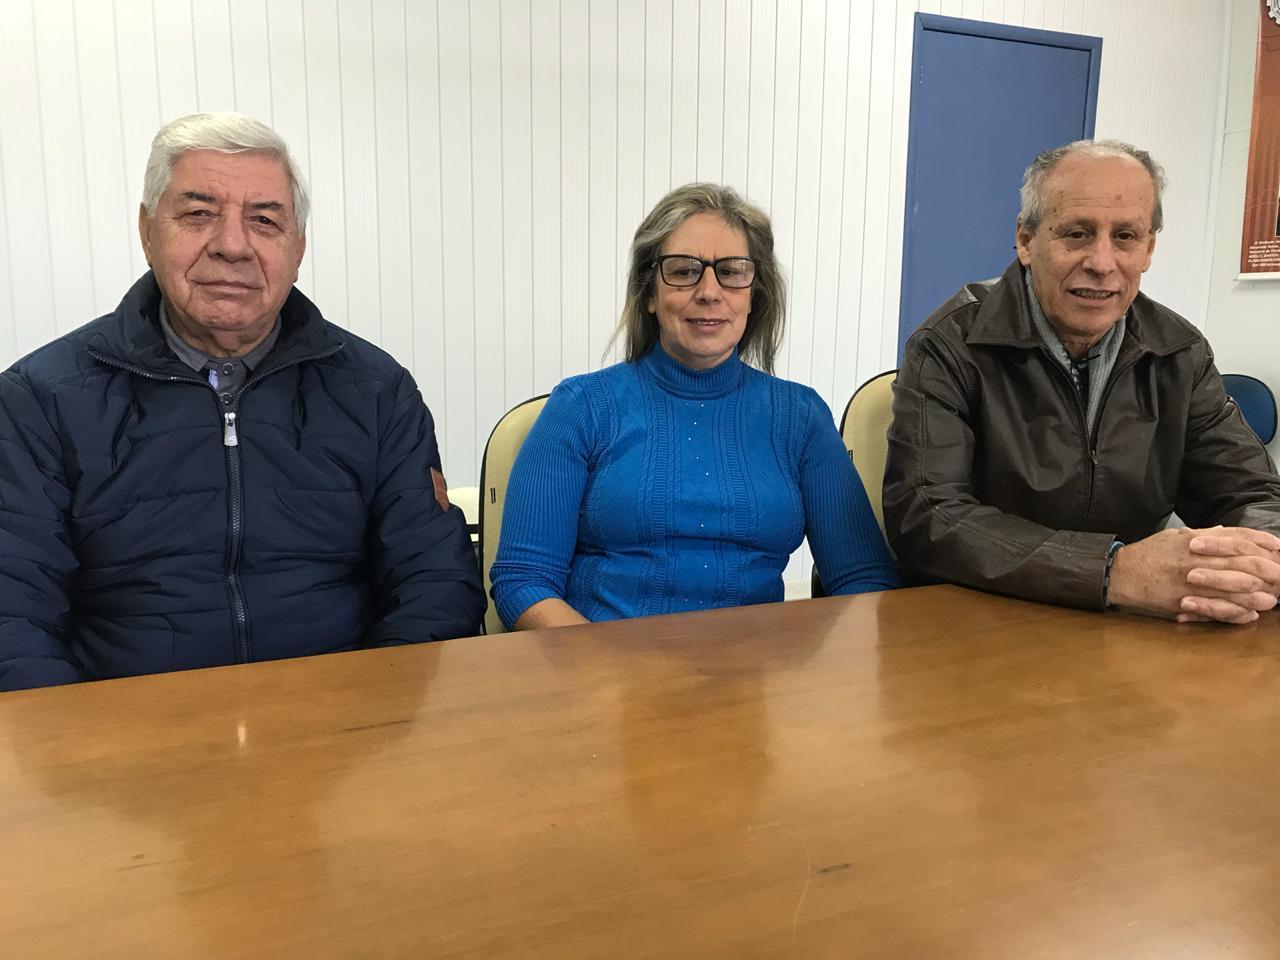 (esq. para a dir.) Almerindo, Marilei e Antônio: desde 1990 garantindo e defendendo melhores condições para a classe trabalhadora